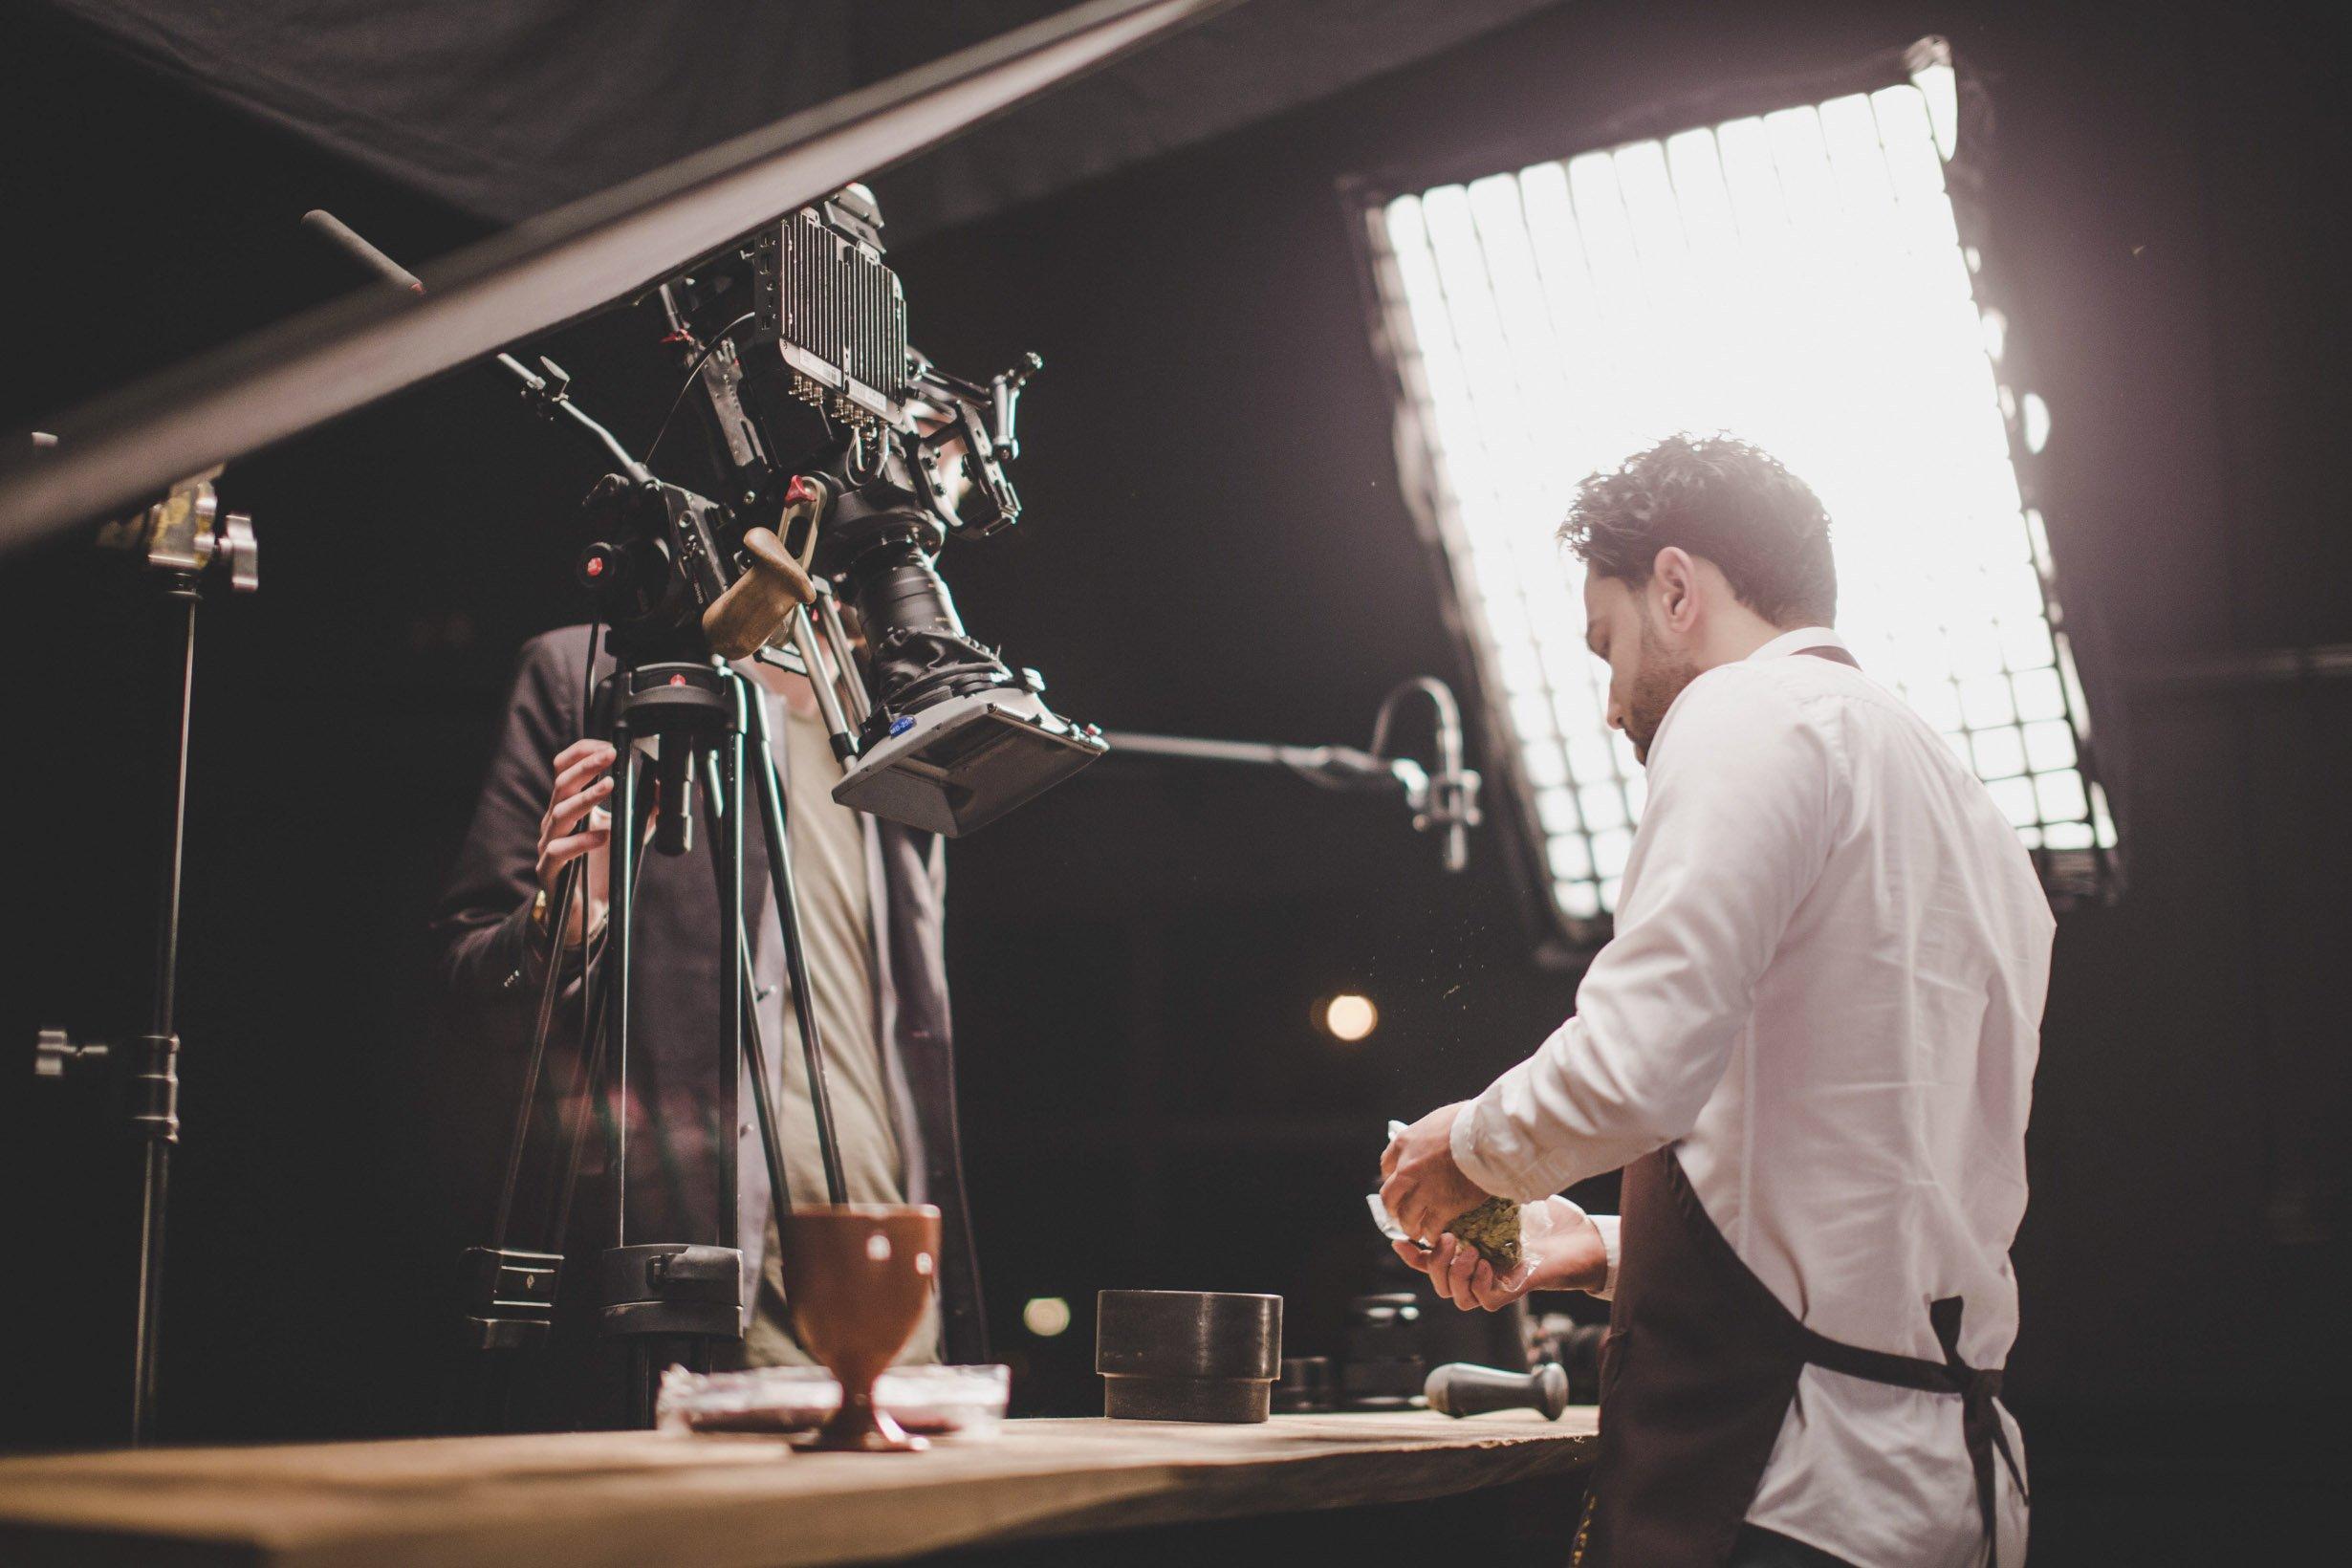 Saffraan Catering visie film shoot aan buffet tafel-6